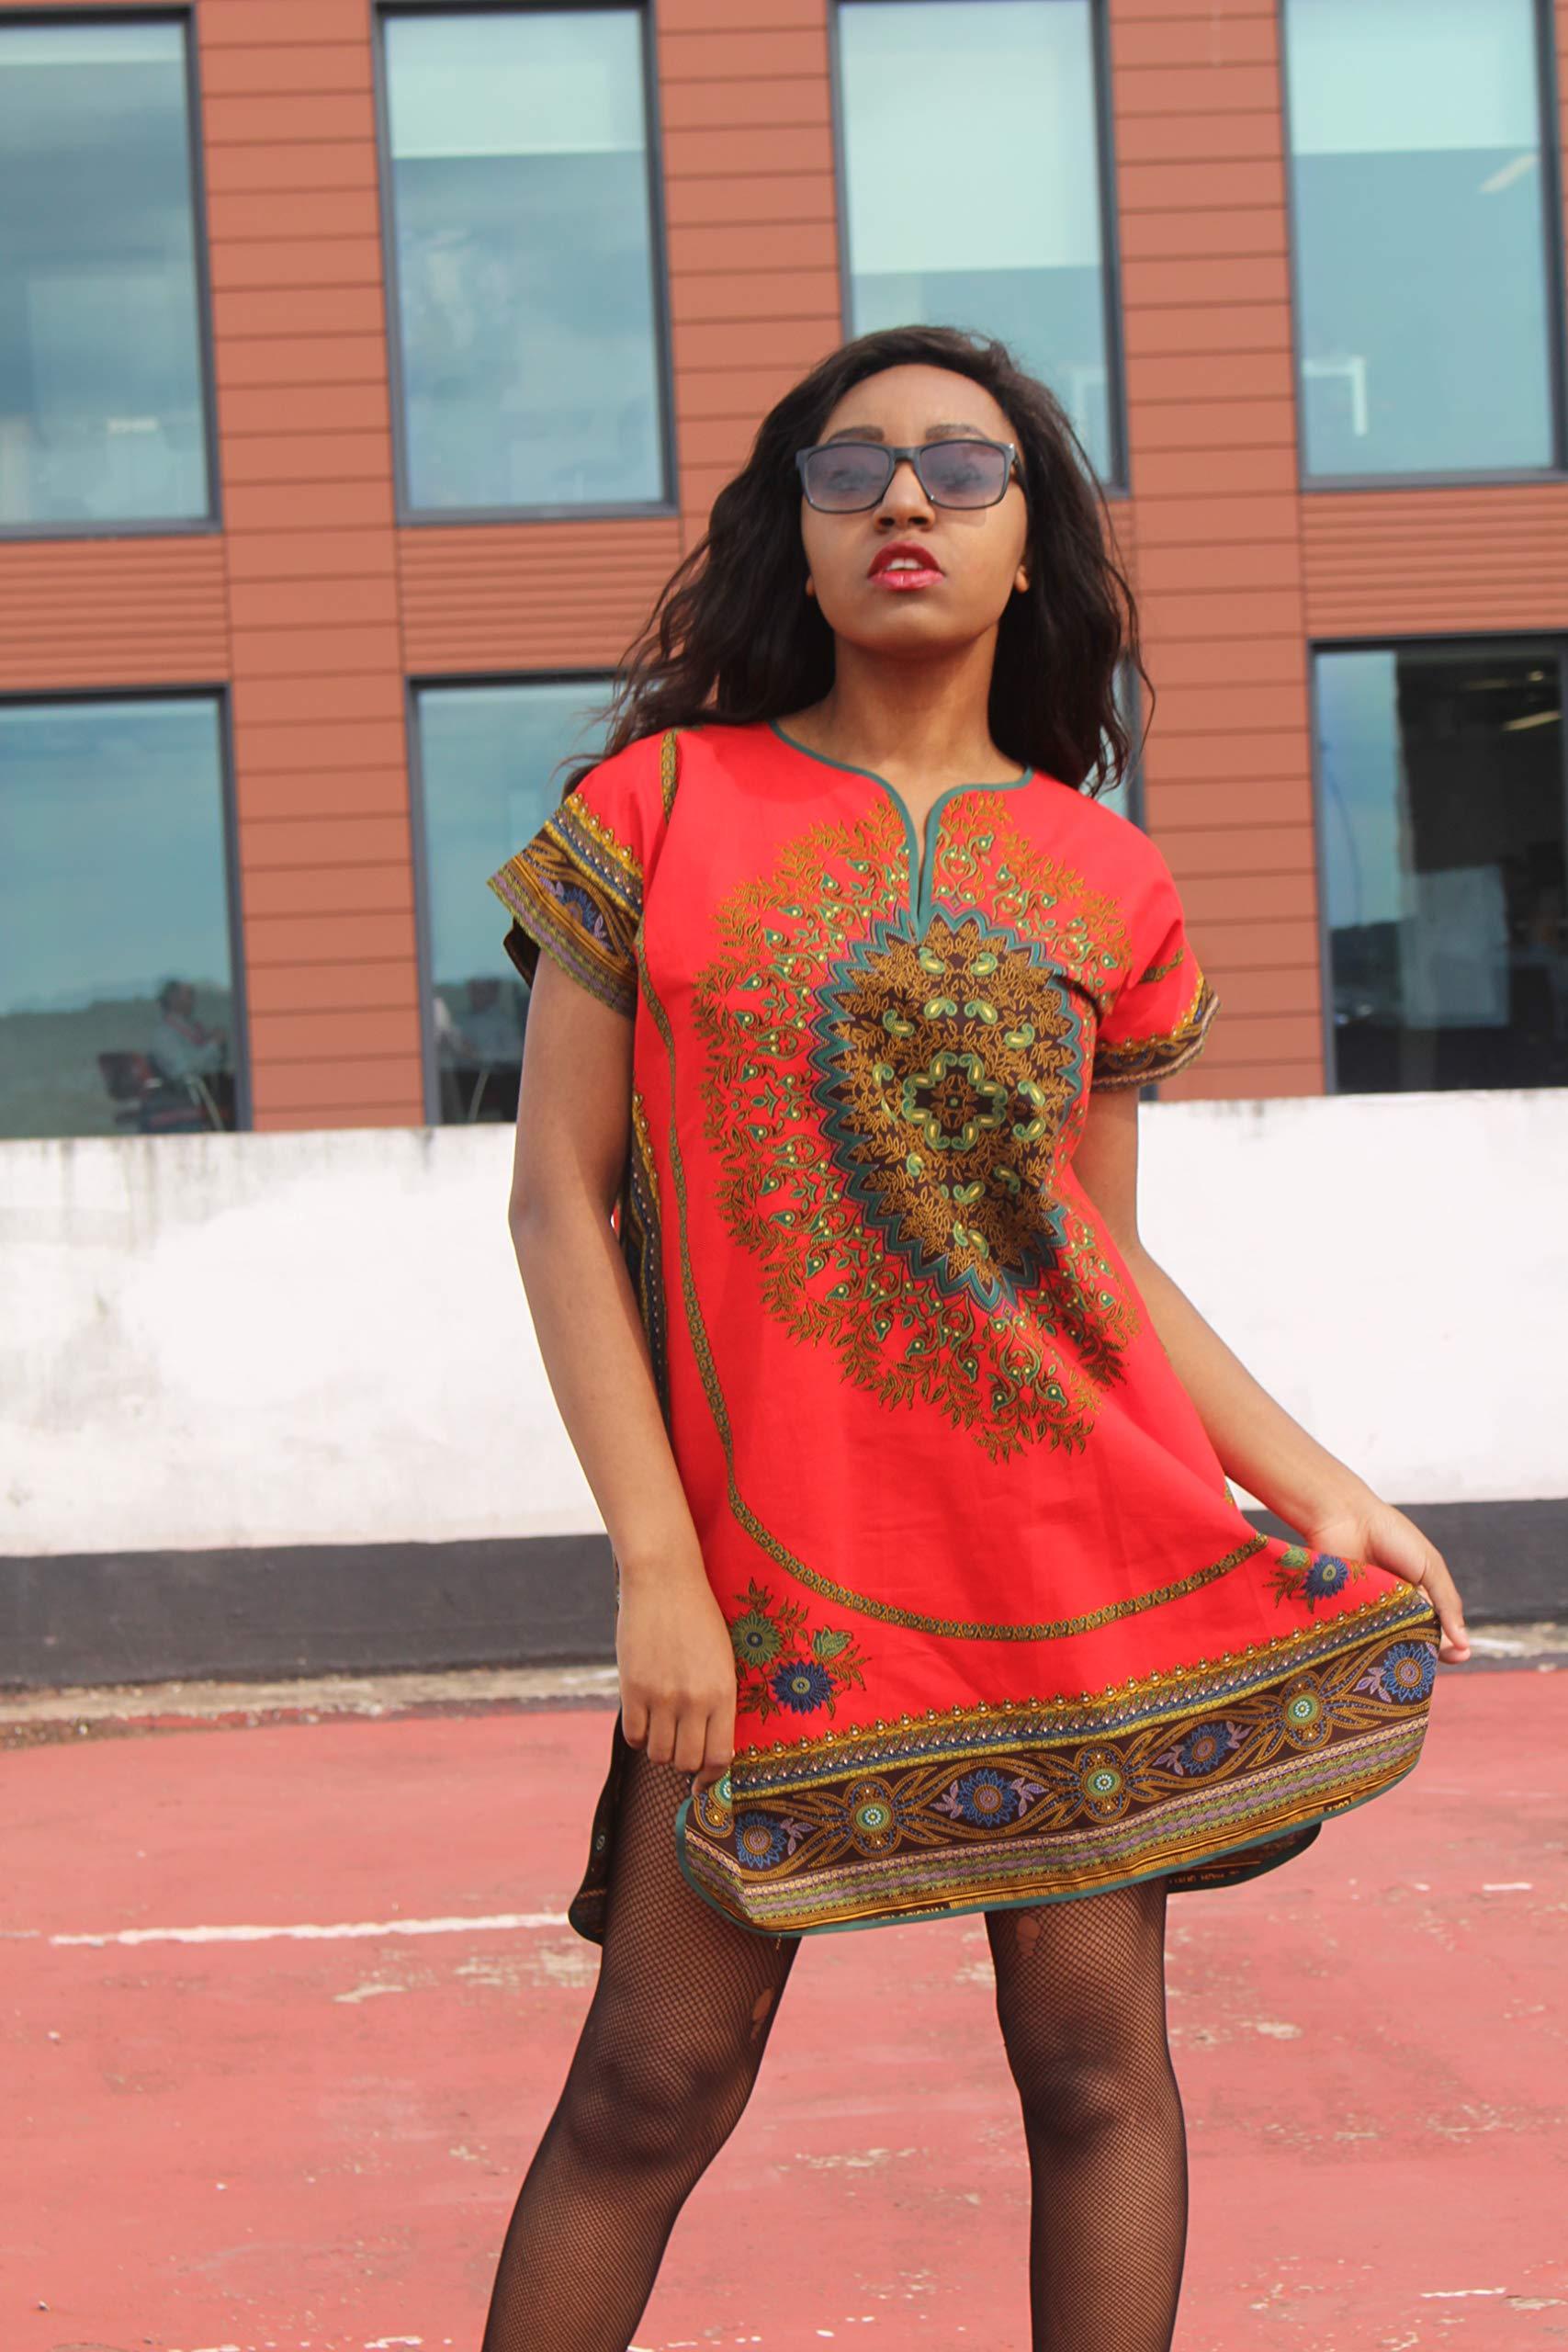 African Print Dress Wax Print Dress Festival Dress Bohemian Dress Boho Dress Continent Clothing Ethical Clothing Boho Dress Patterned Dress